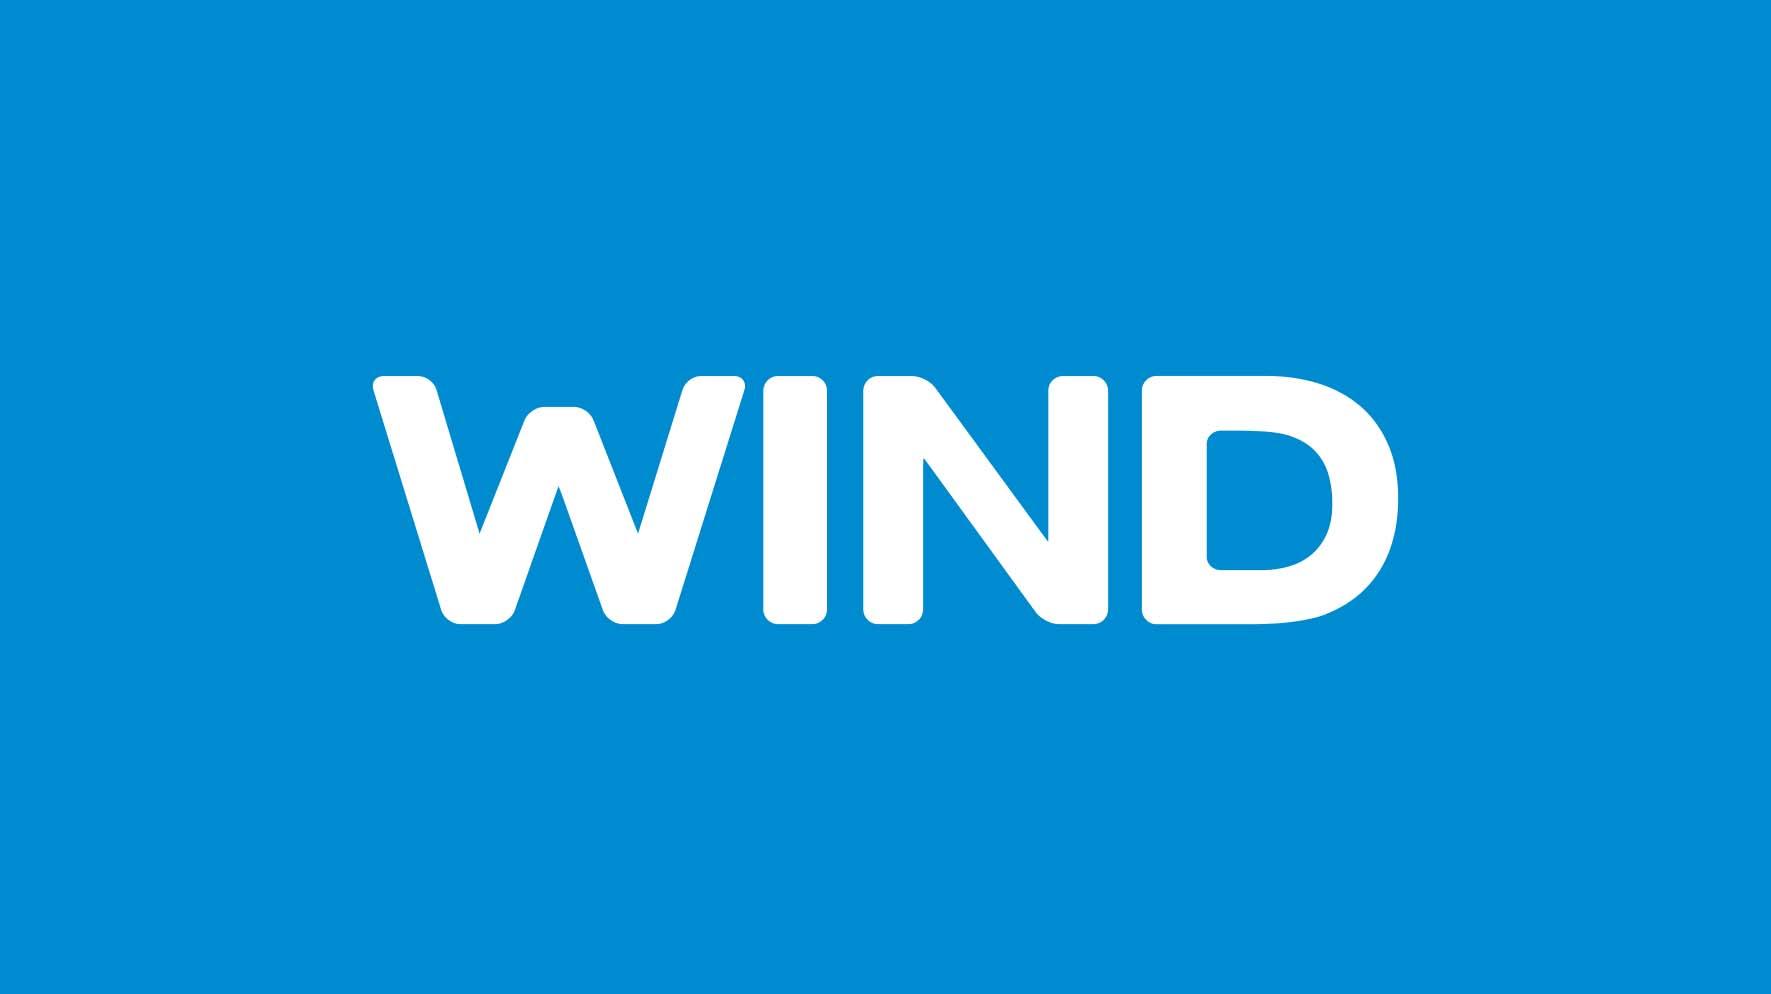 Ετοιμάζεται η ιντερνετική τηλεόραση της WIND